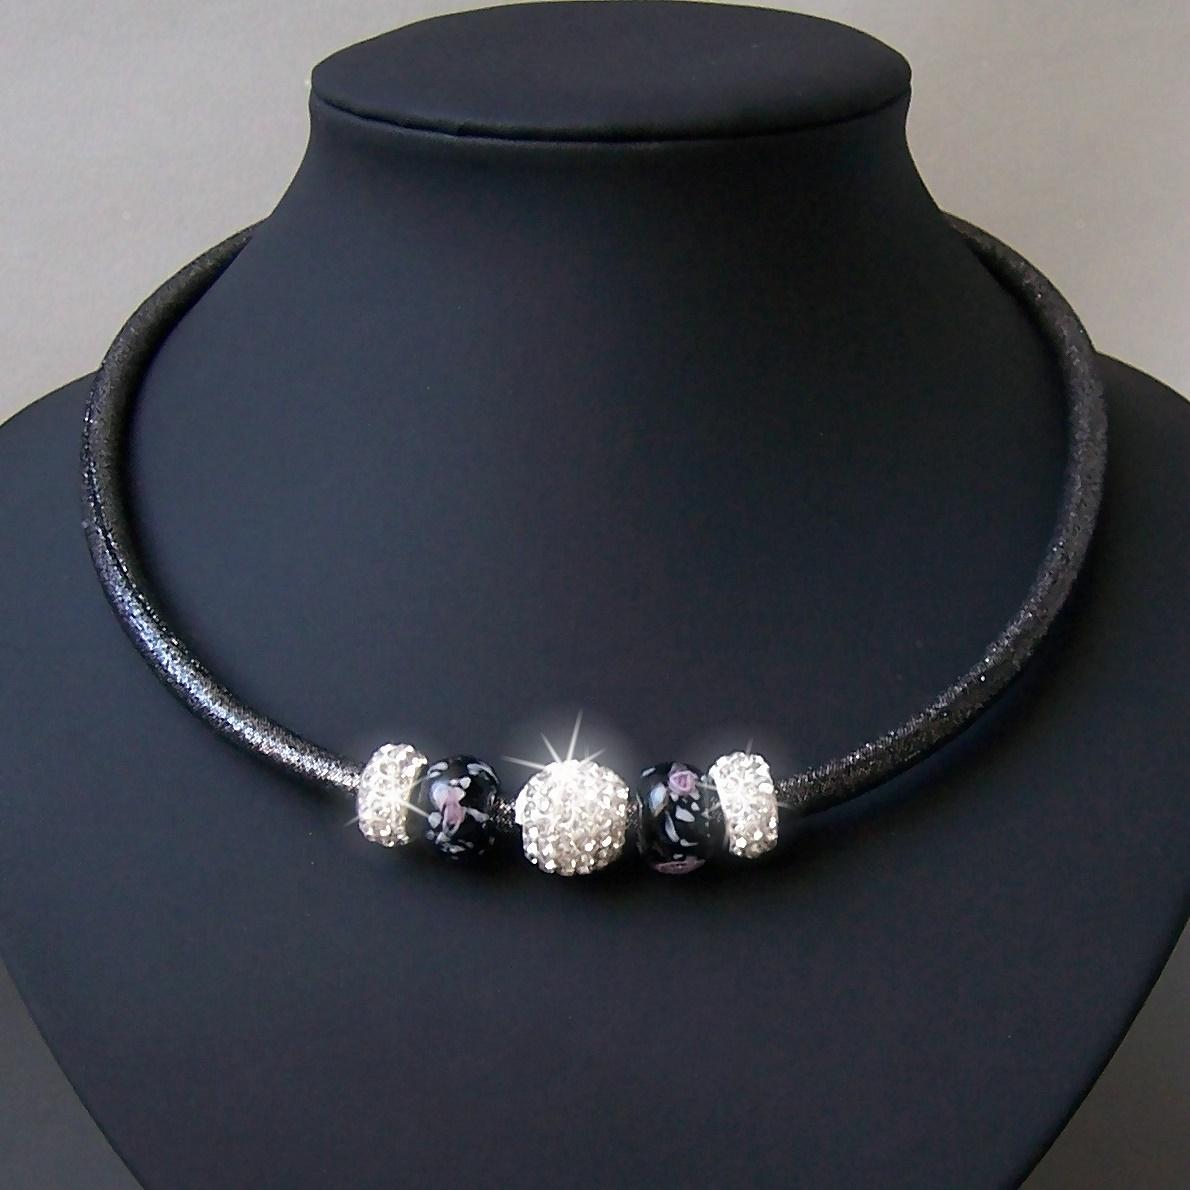 K1075# Collier Kette Satin Glitzerstoff darkstone Shamballa Perlen